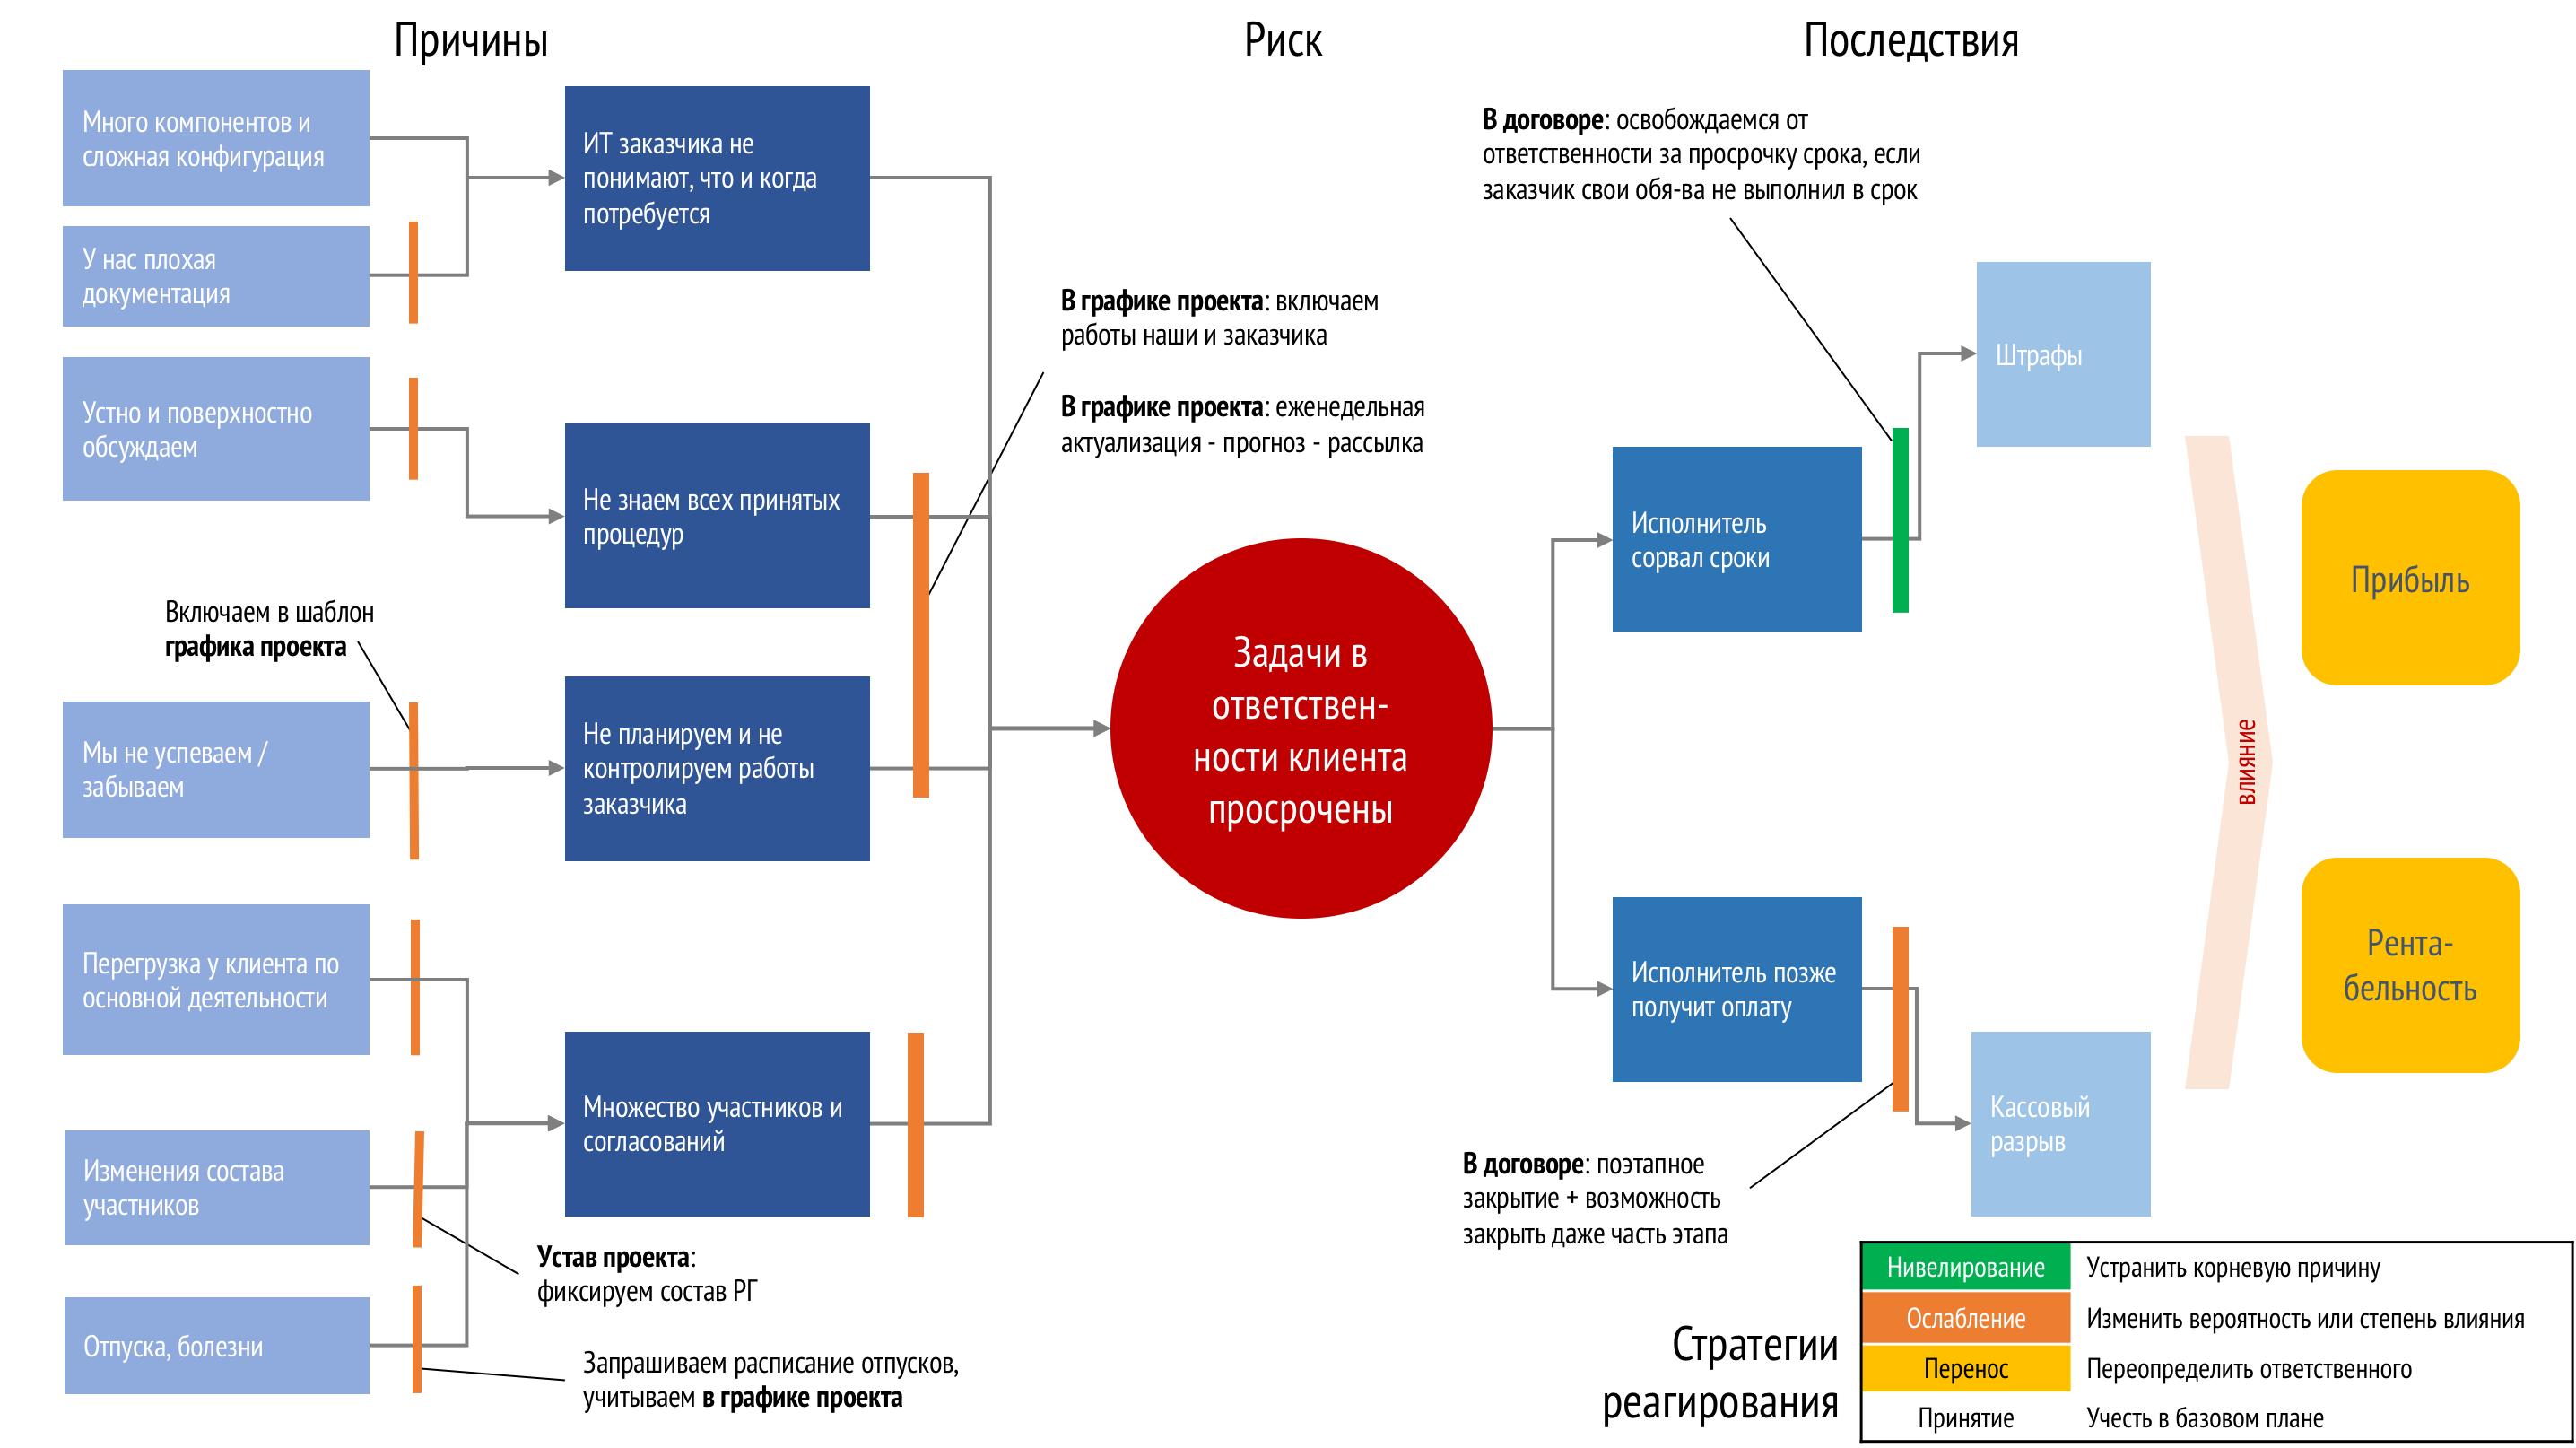 Анализ риска в формате диаграммы «галстук-бабочка» (bow-tie diagram)